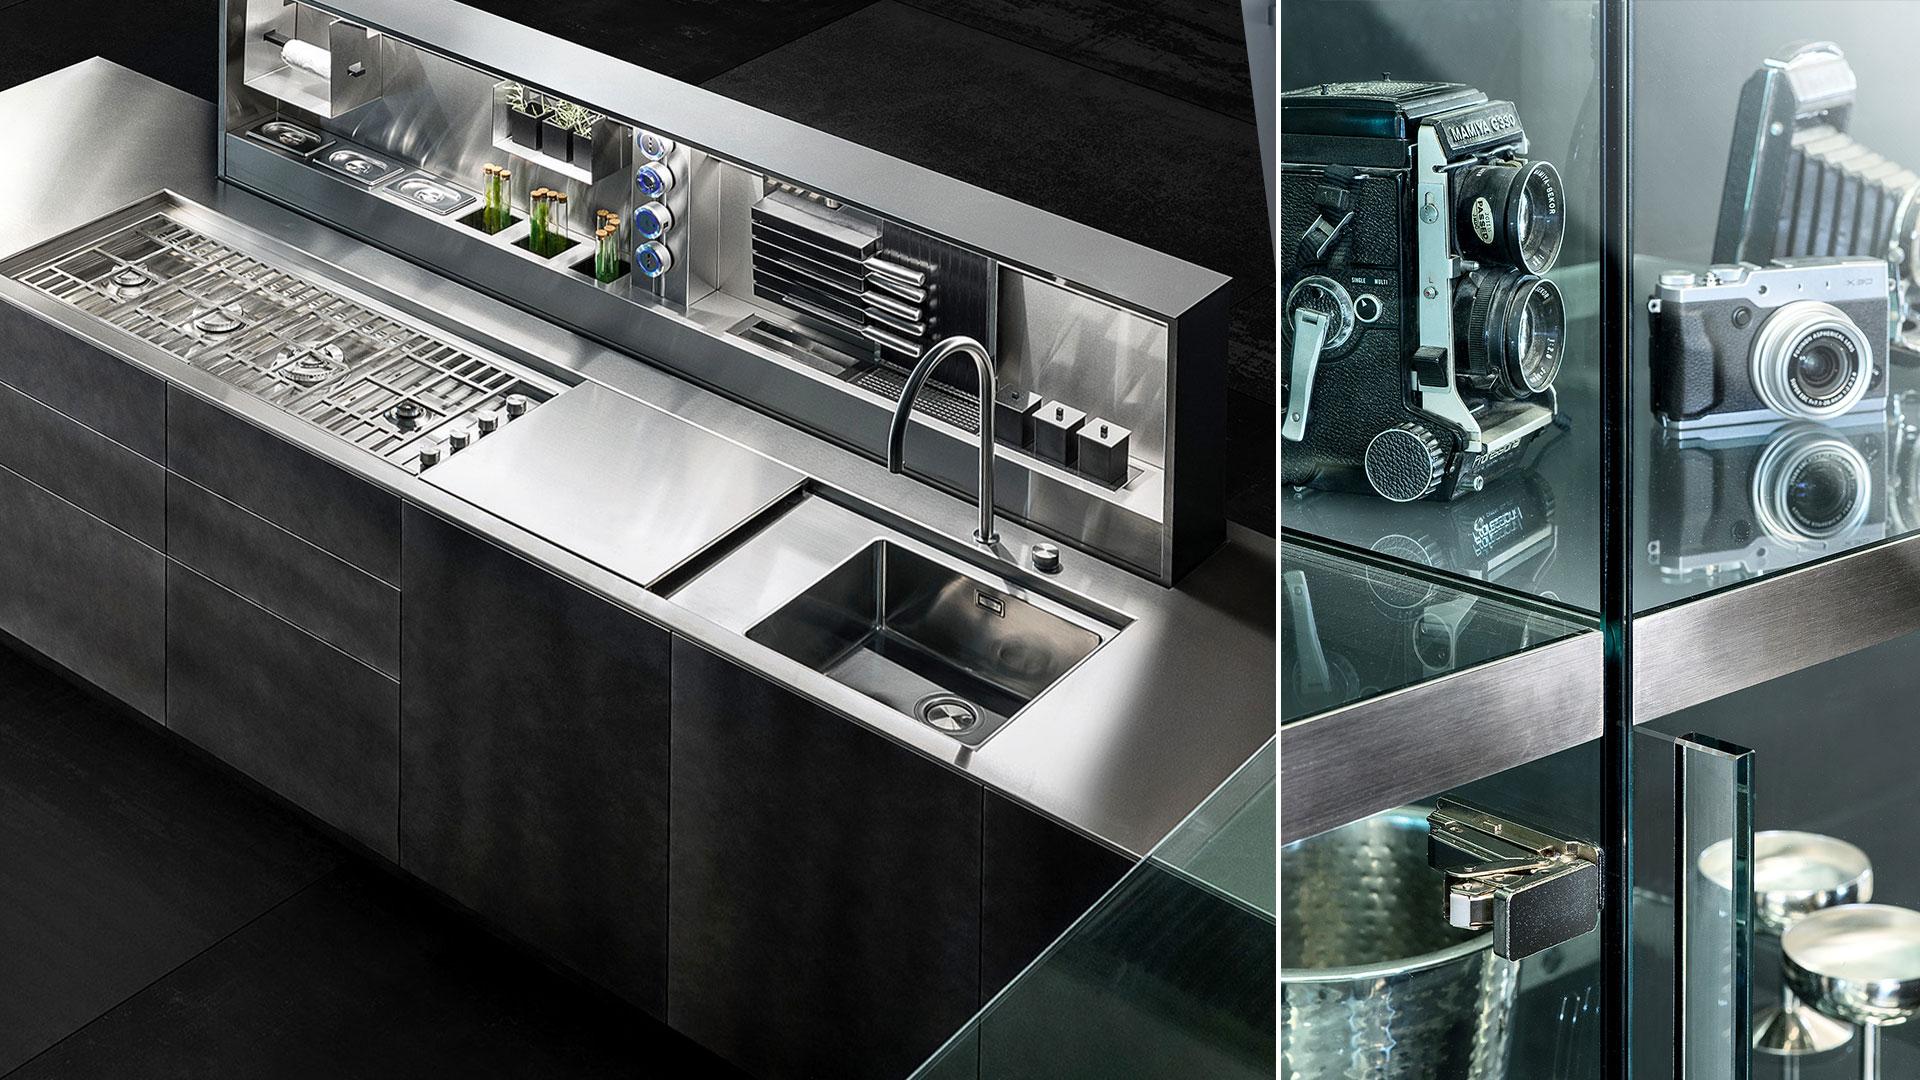 Cucina in legno e acciaio con isola D90 | Collezioni Cucine 2018 TM Italia - TM_CAT_D90_006